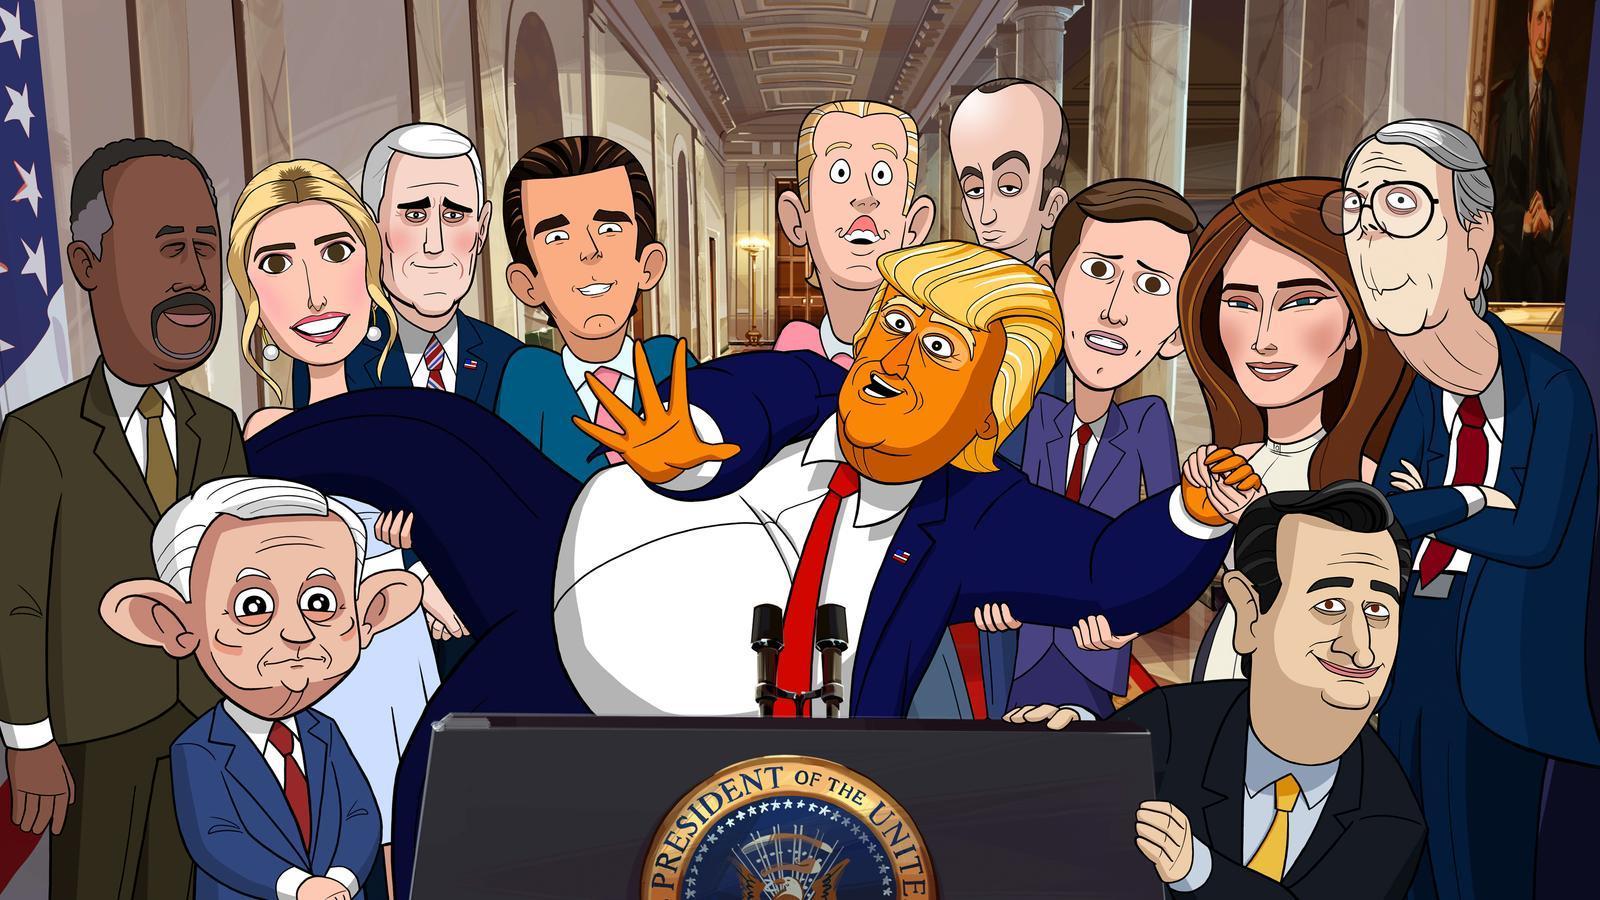 La sàtira sobre Tump 'Animado presidente' arriba a Movistar+